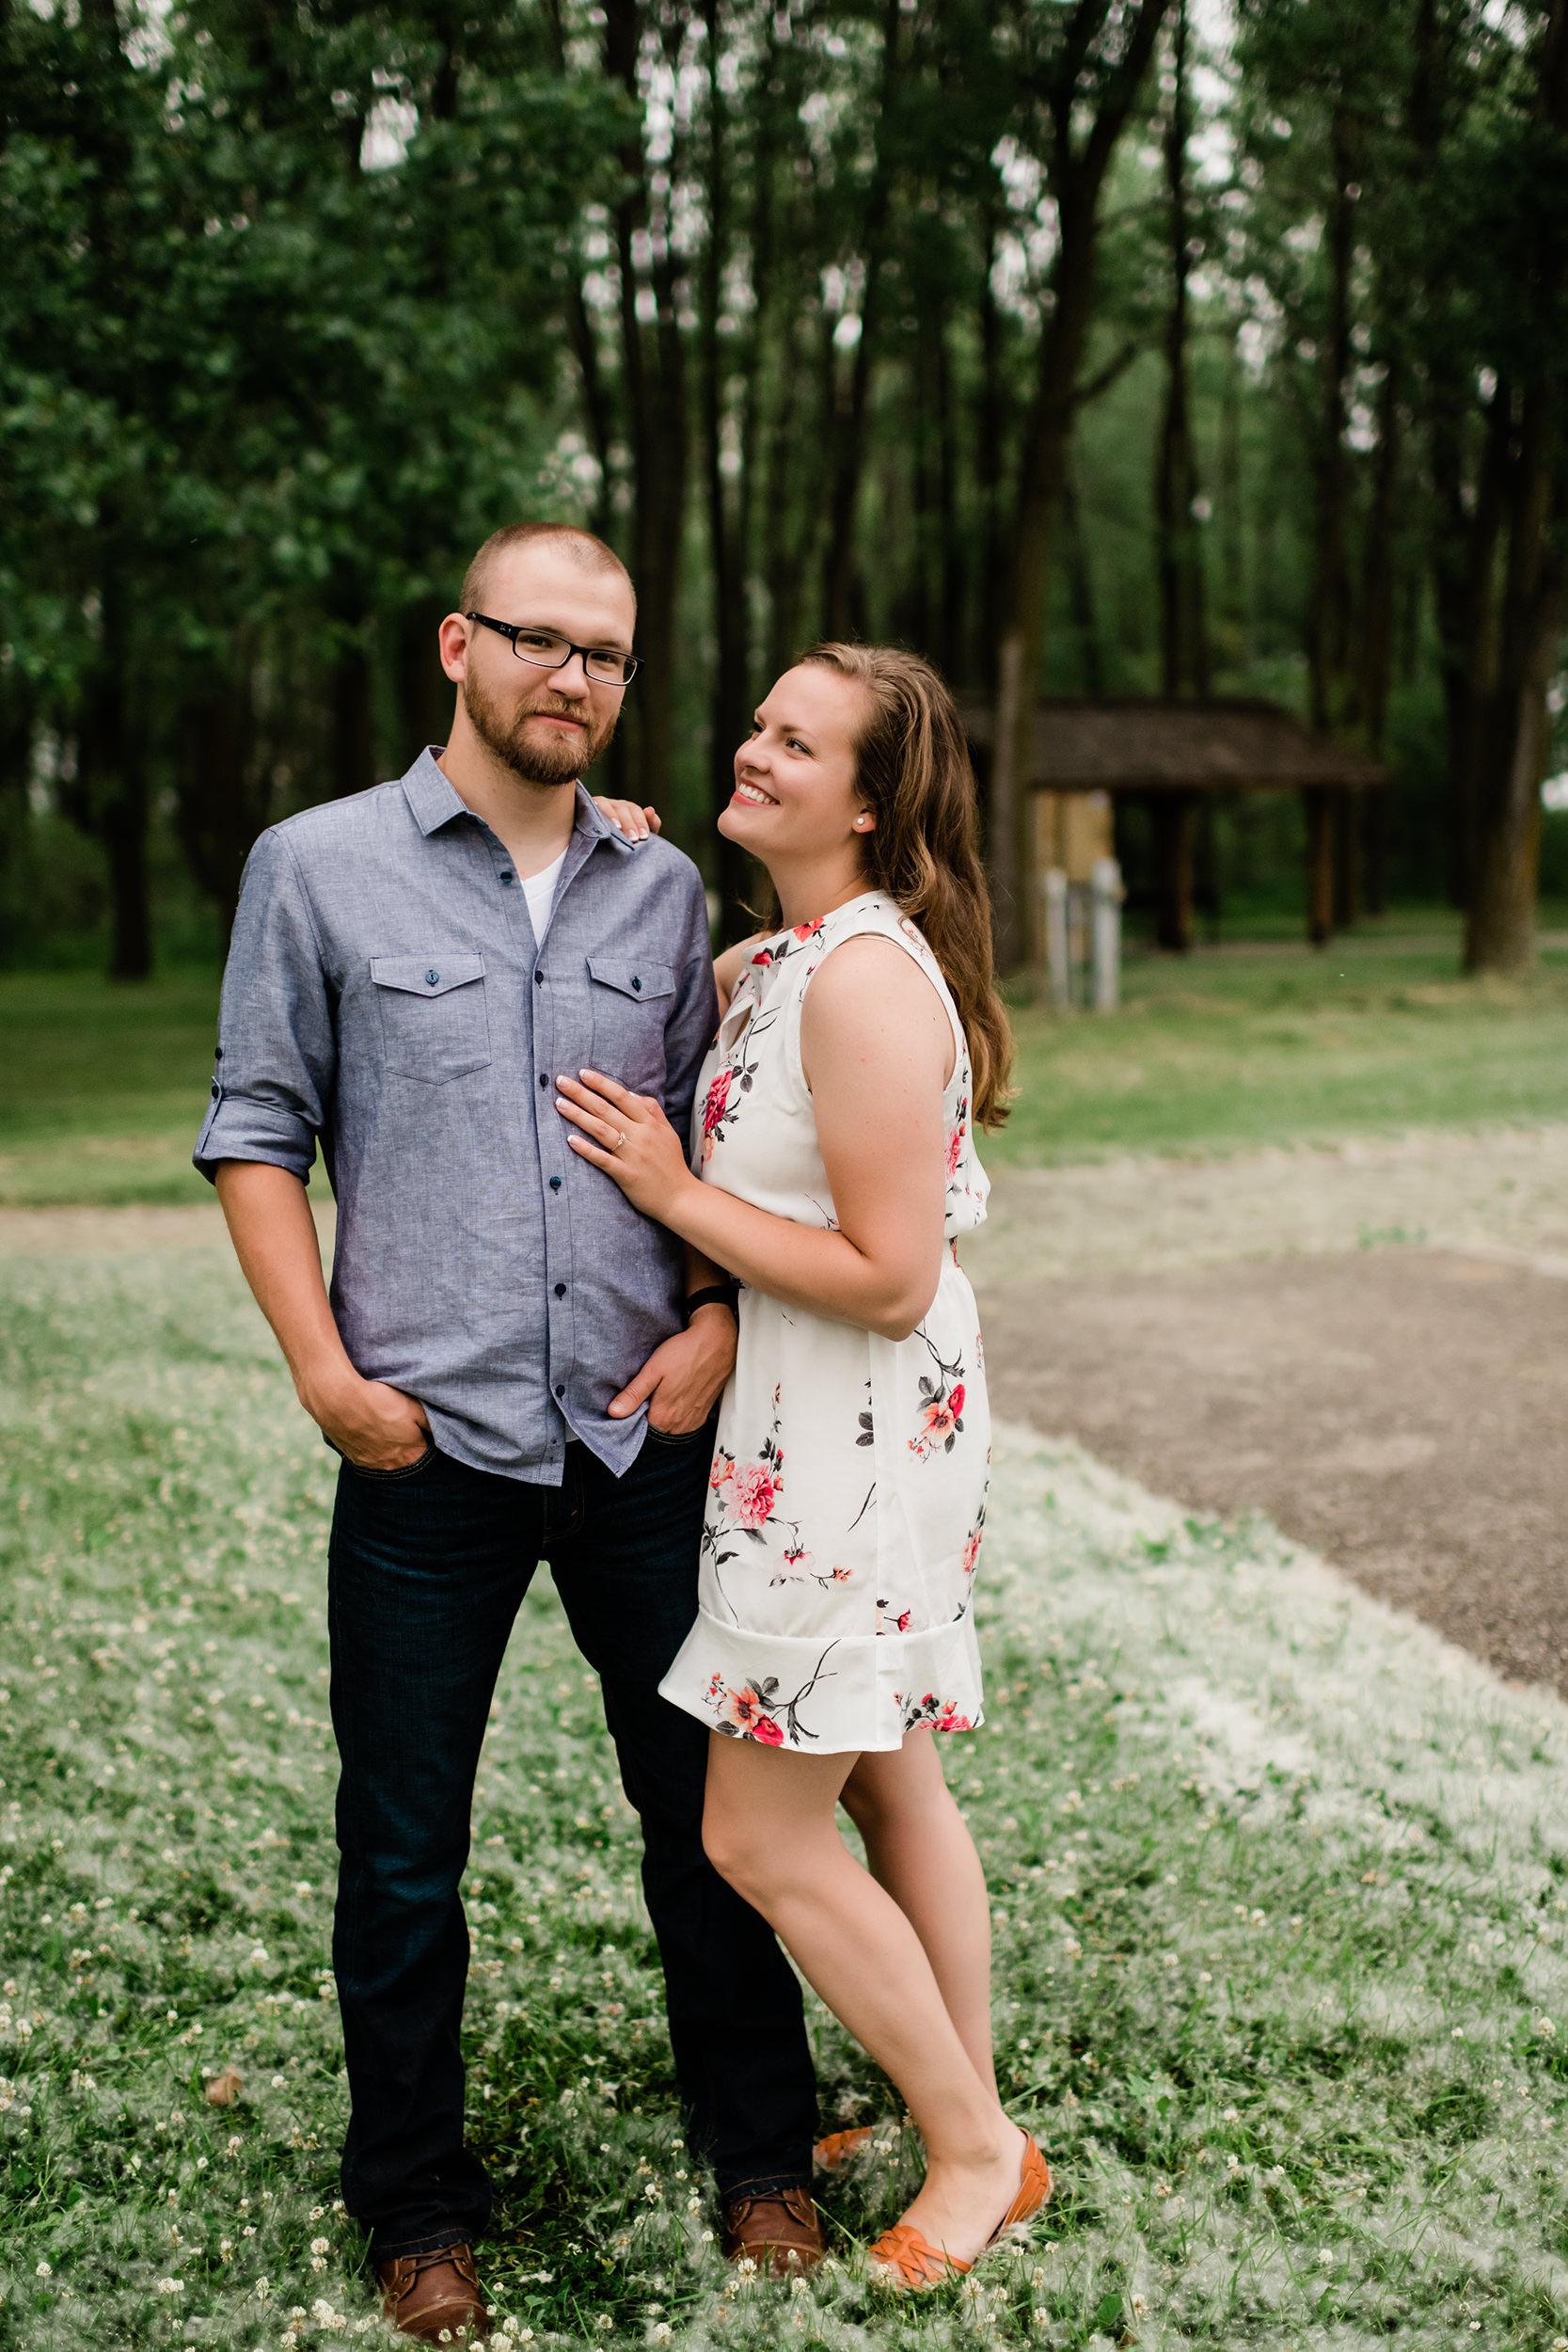 Woman admiring her fiancé